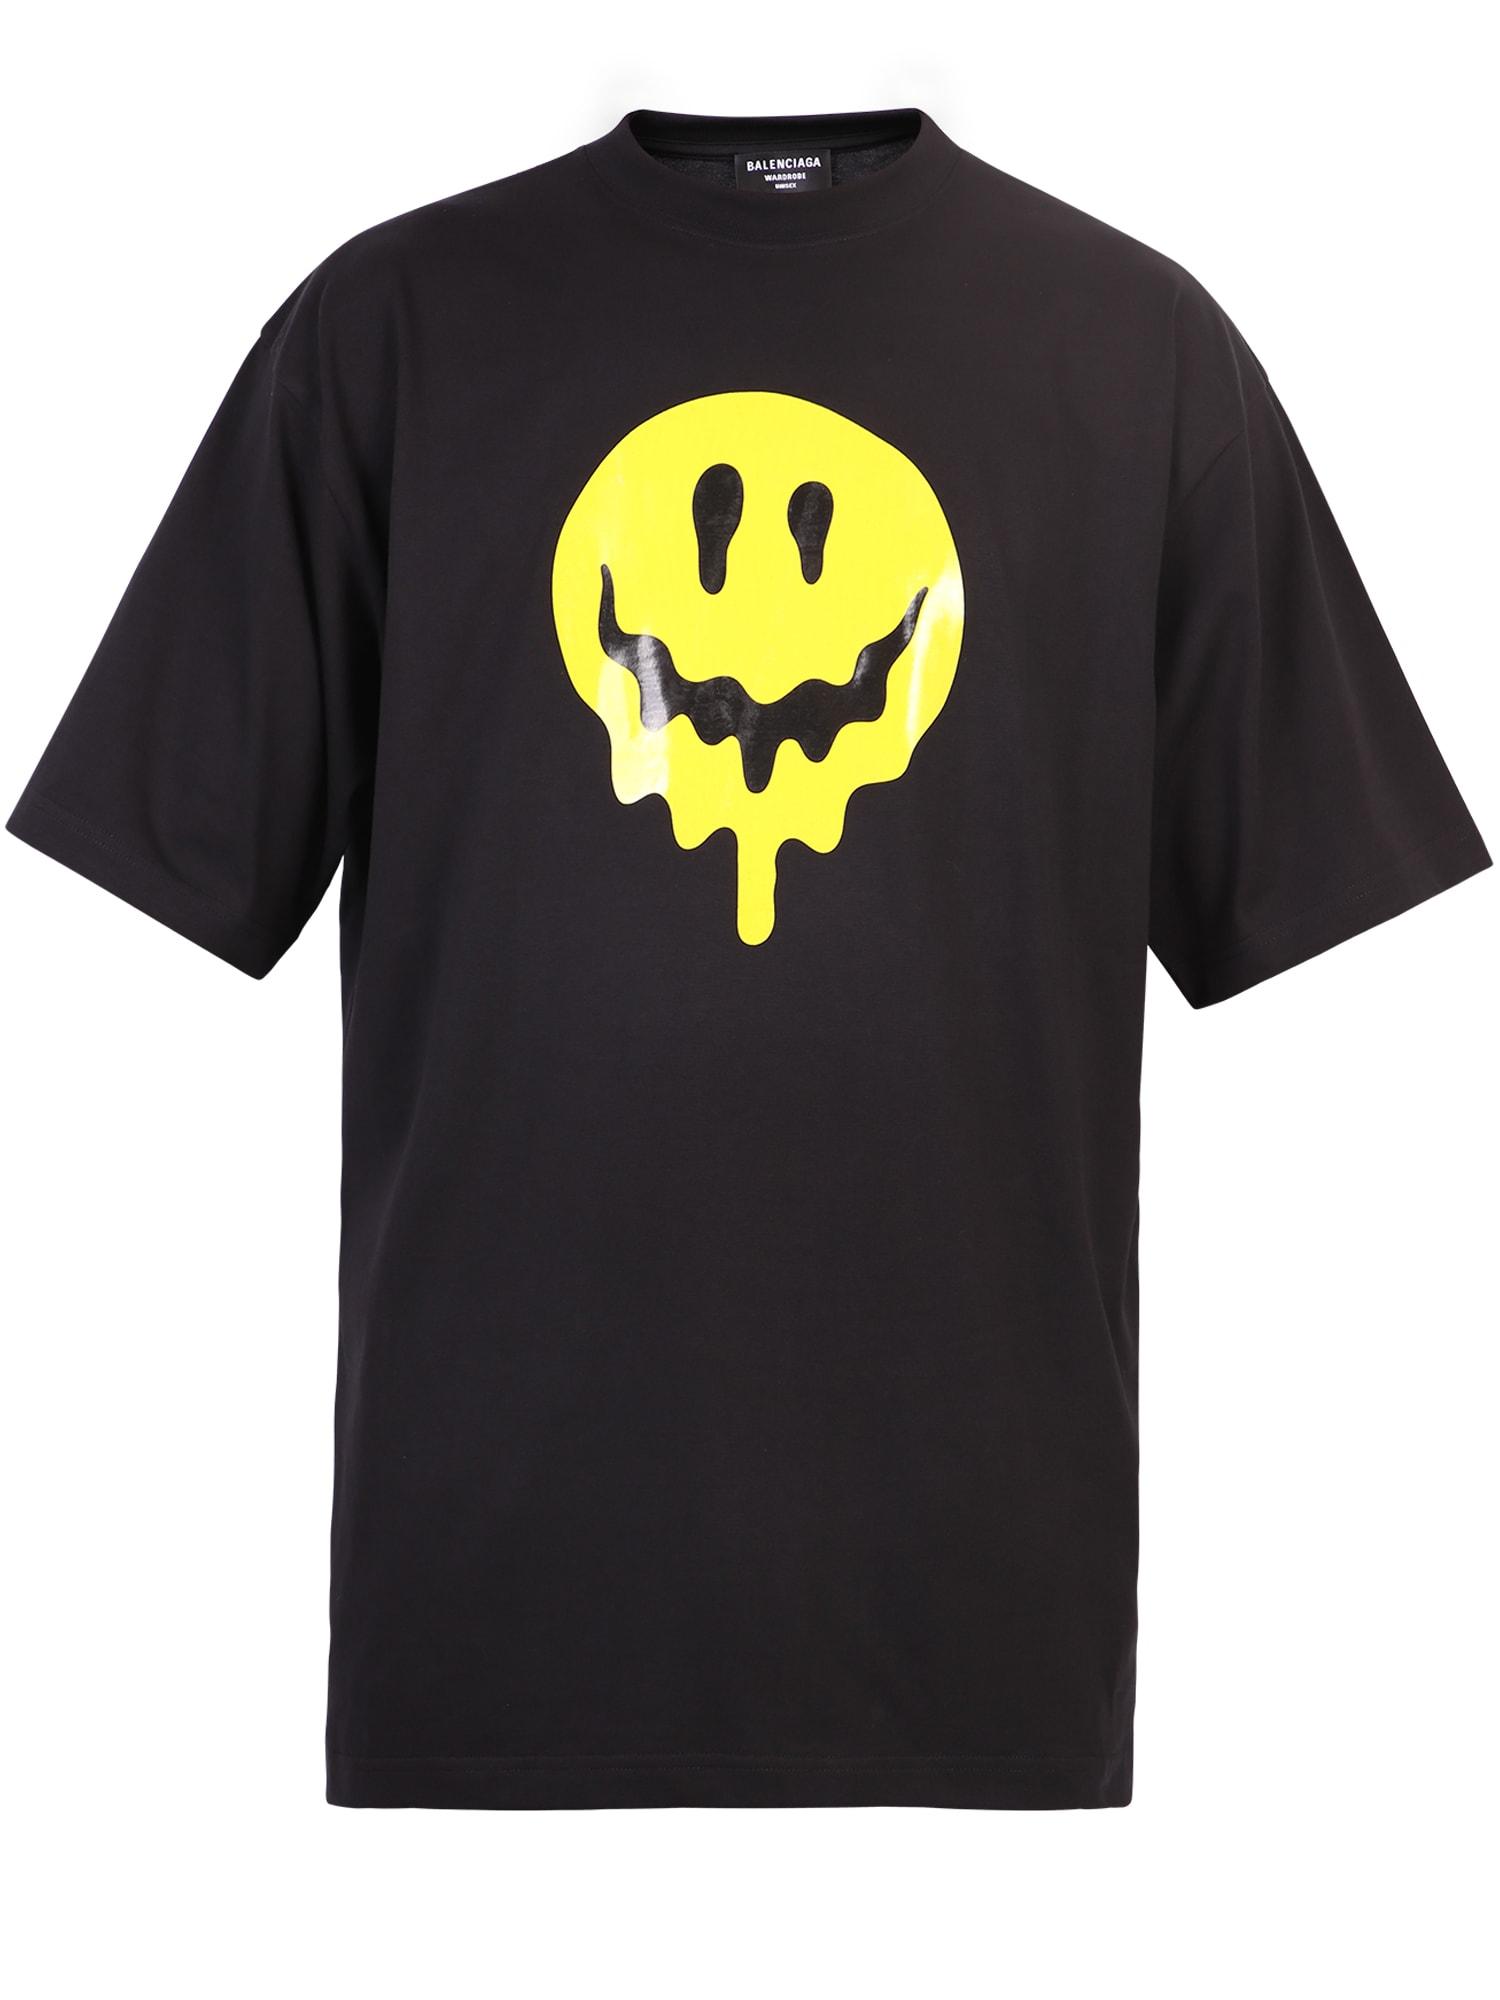 Balenciaga T-shirts PRINTED T-SHIRT